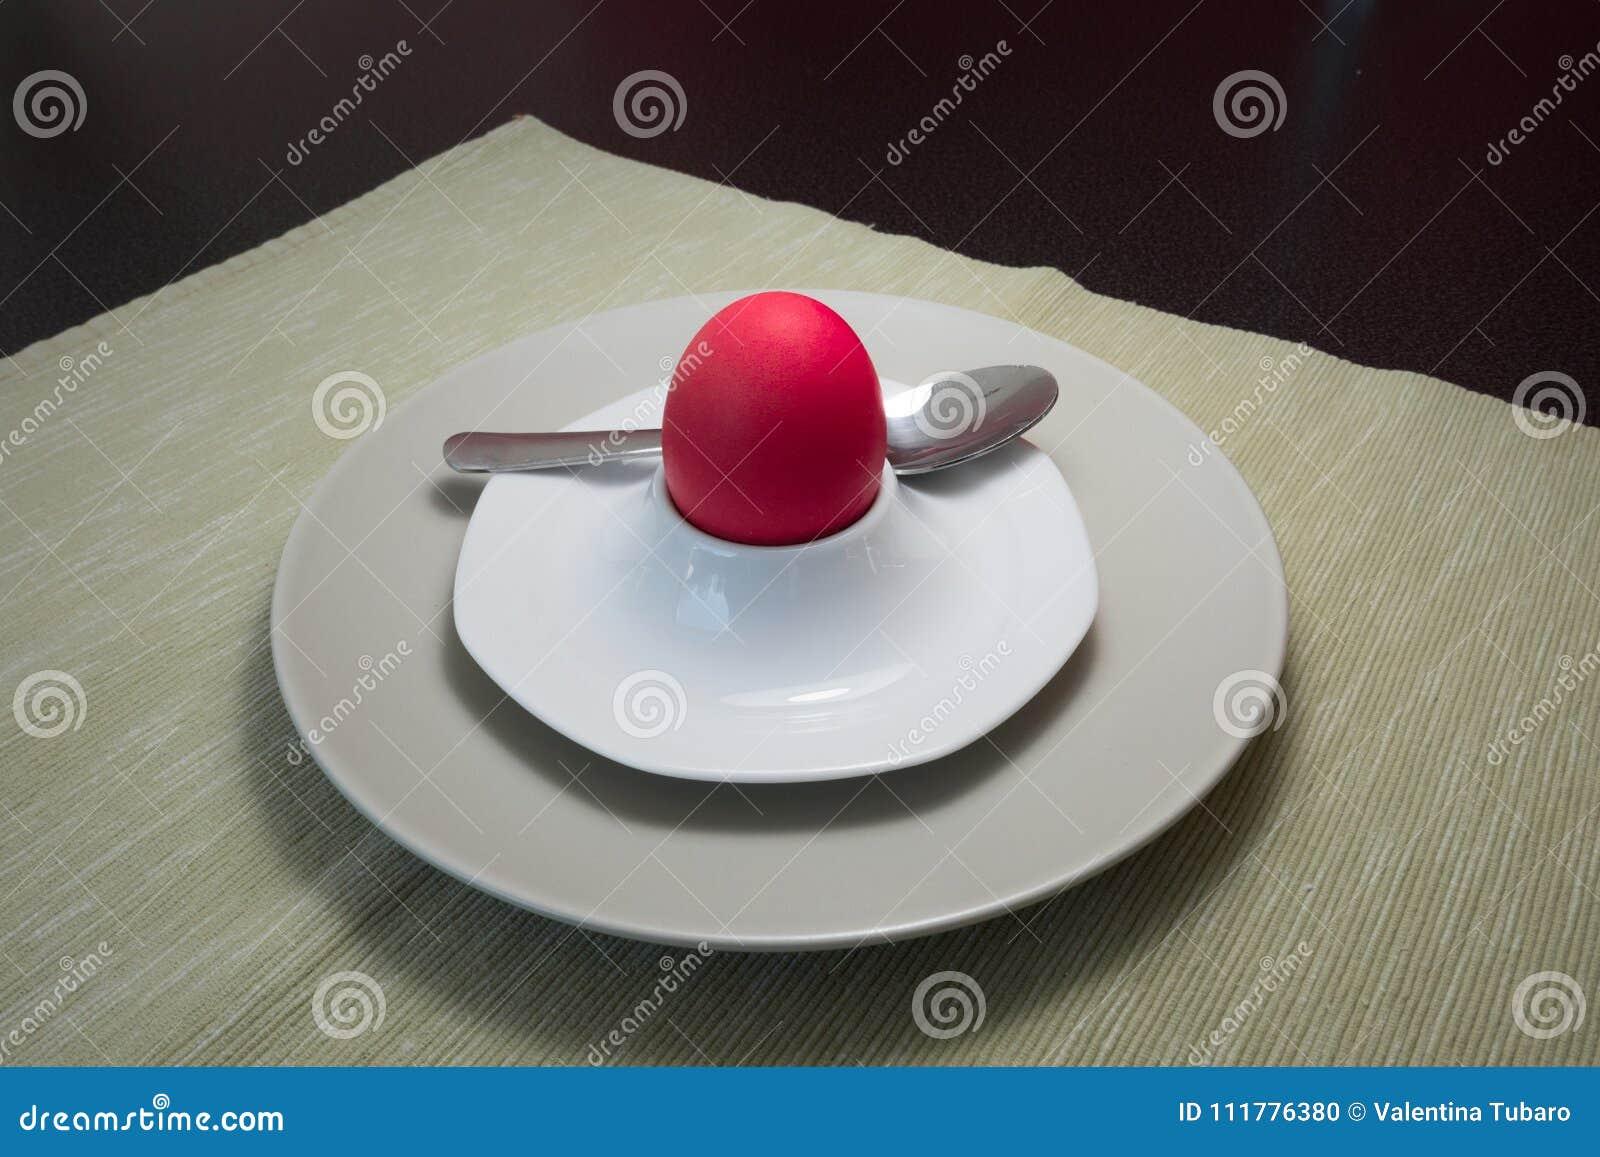 Red soft-boiled egg for Easter